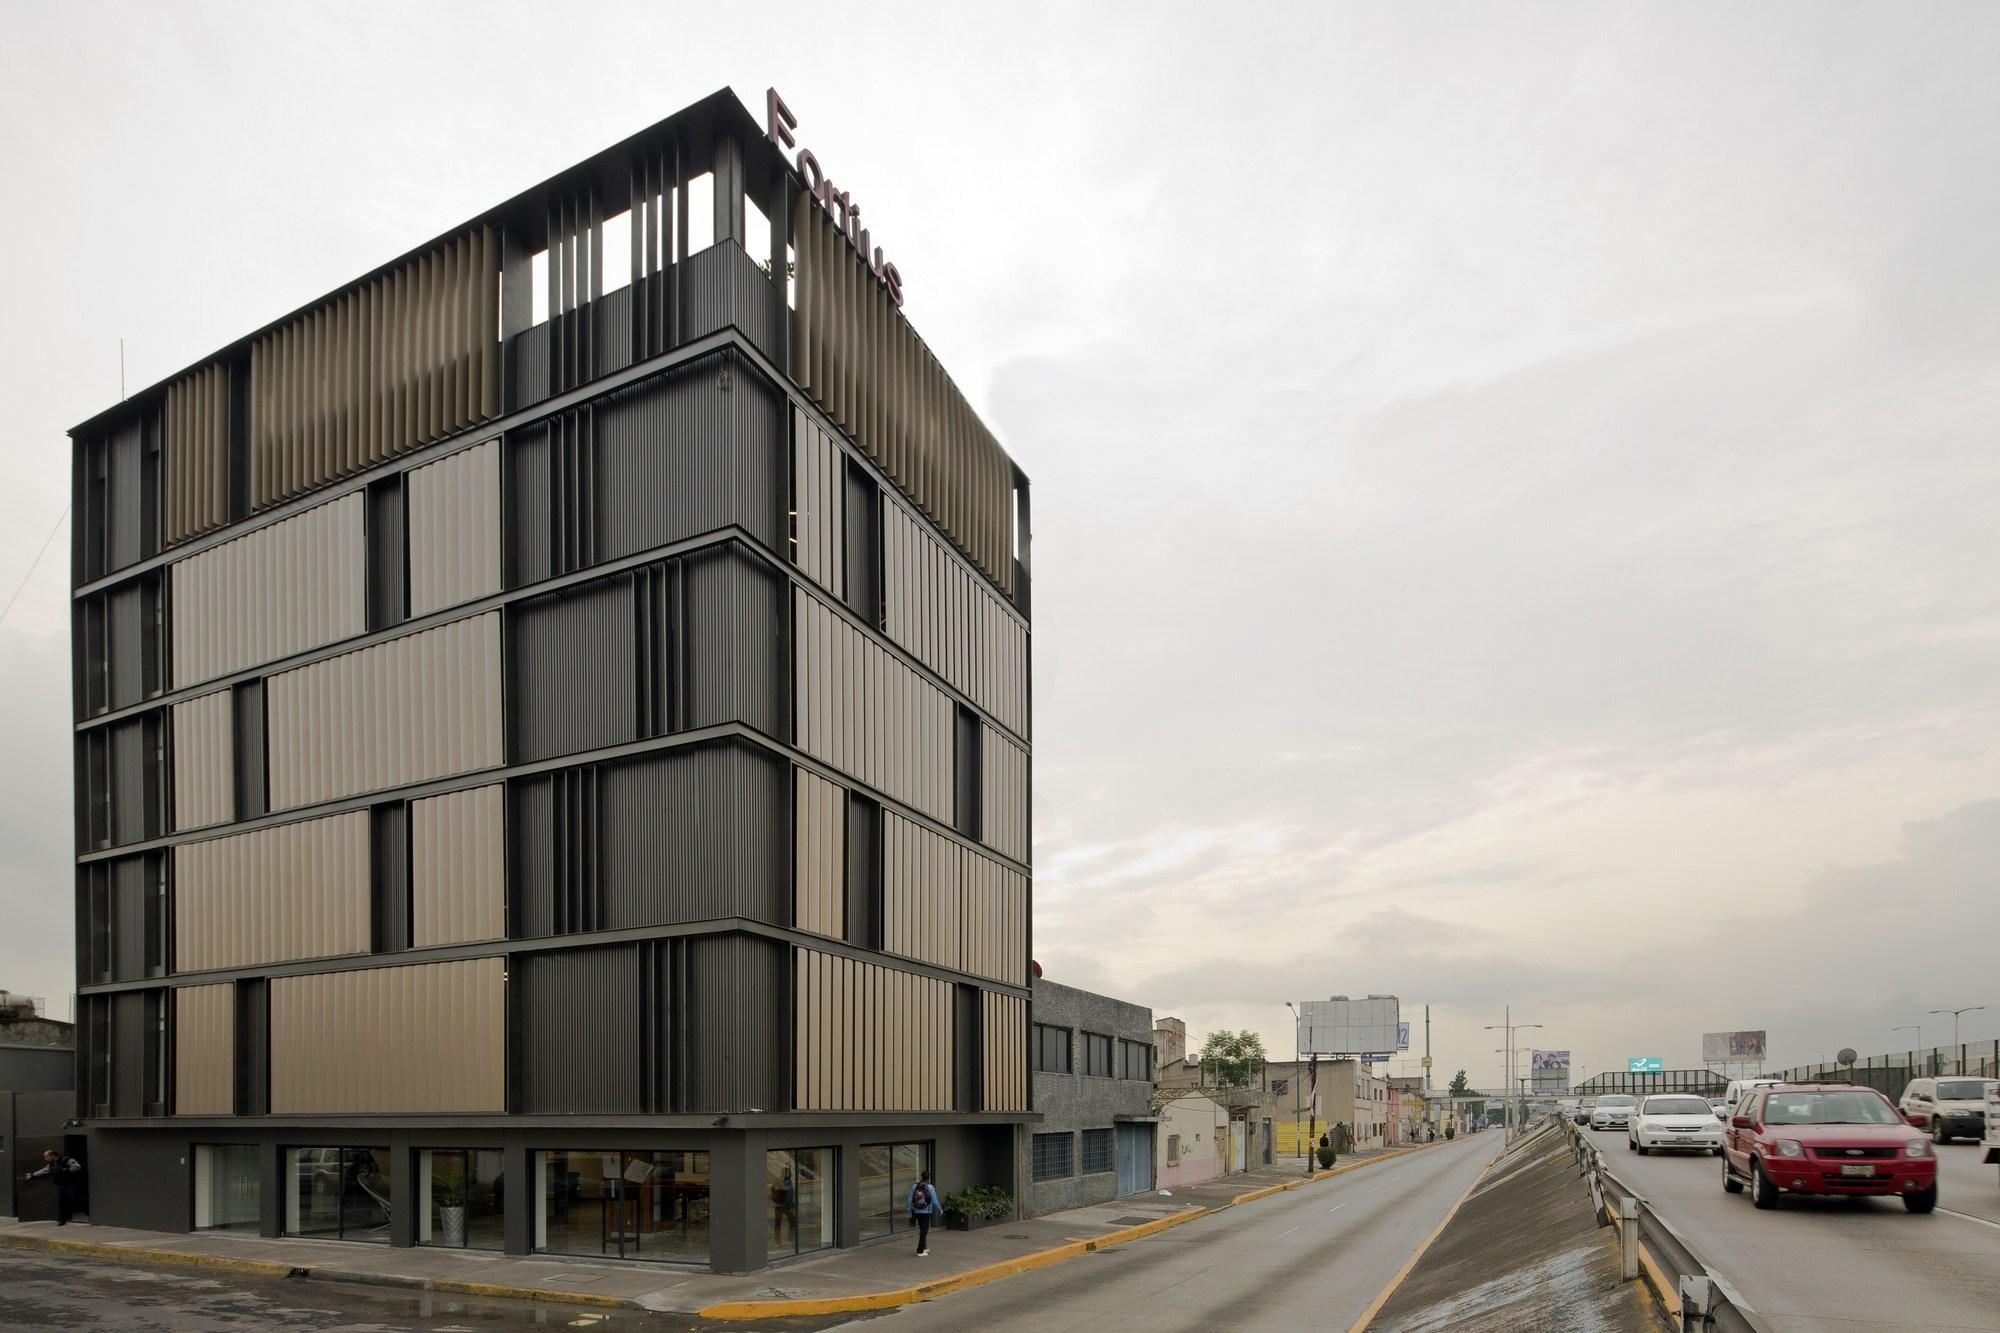 Remodelaci n edificio de oficinas fortius m xico erreqerre arquitectura y urbanismo - Edificio de oficinas ...